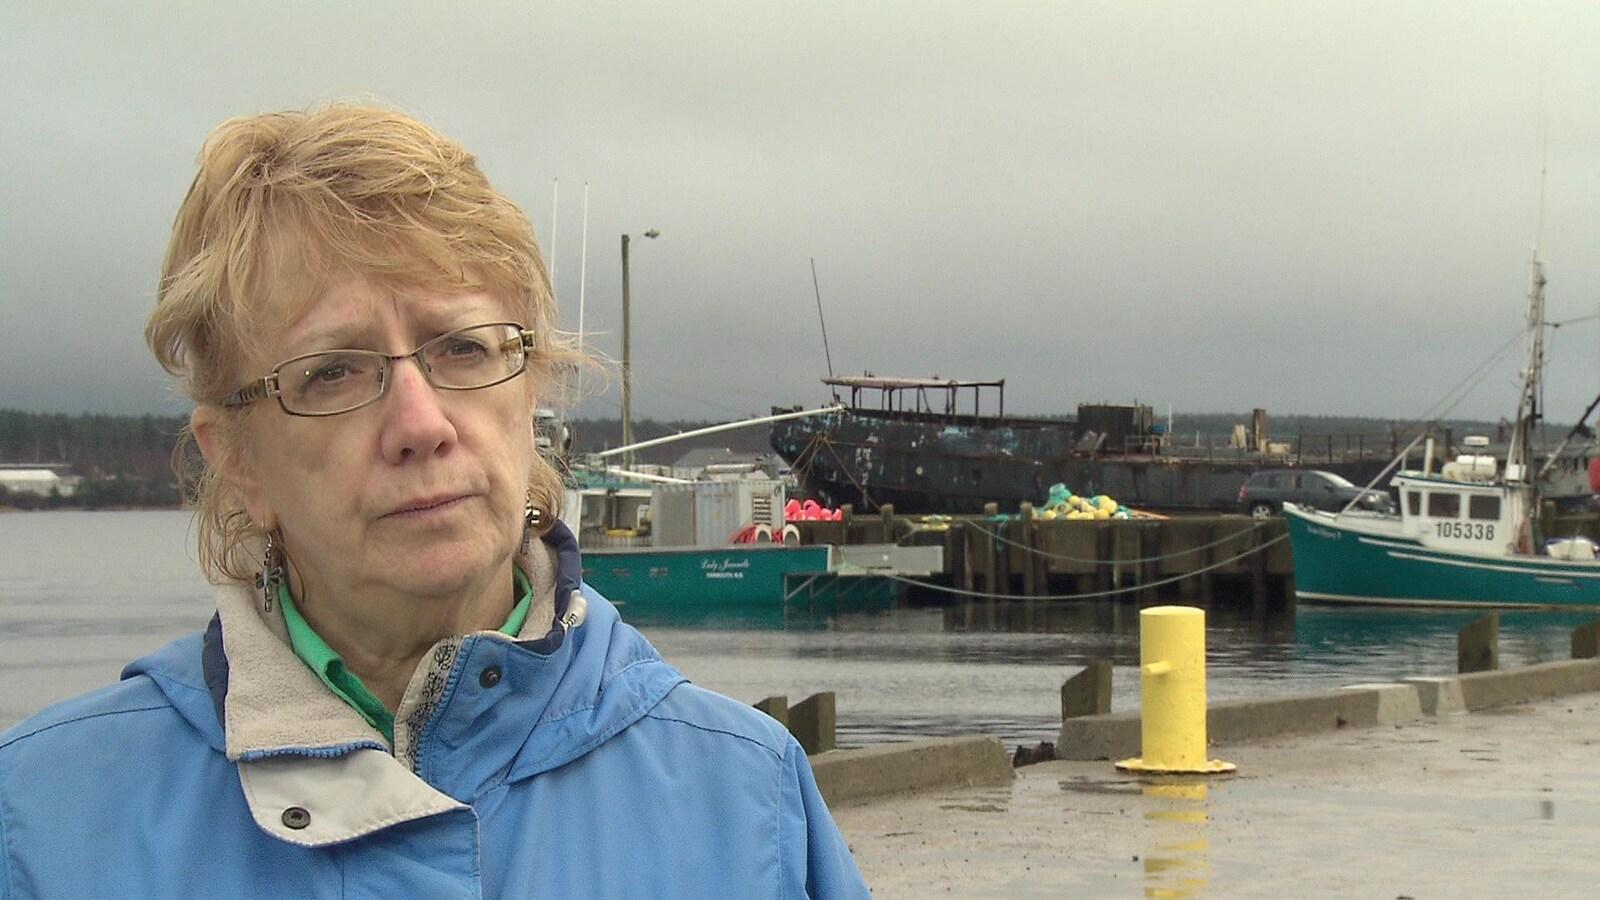 Karen Mattatall dans le port devant des bateaux.